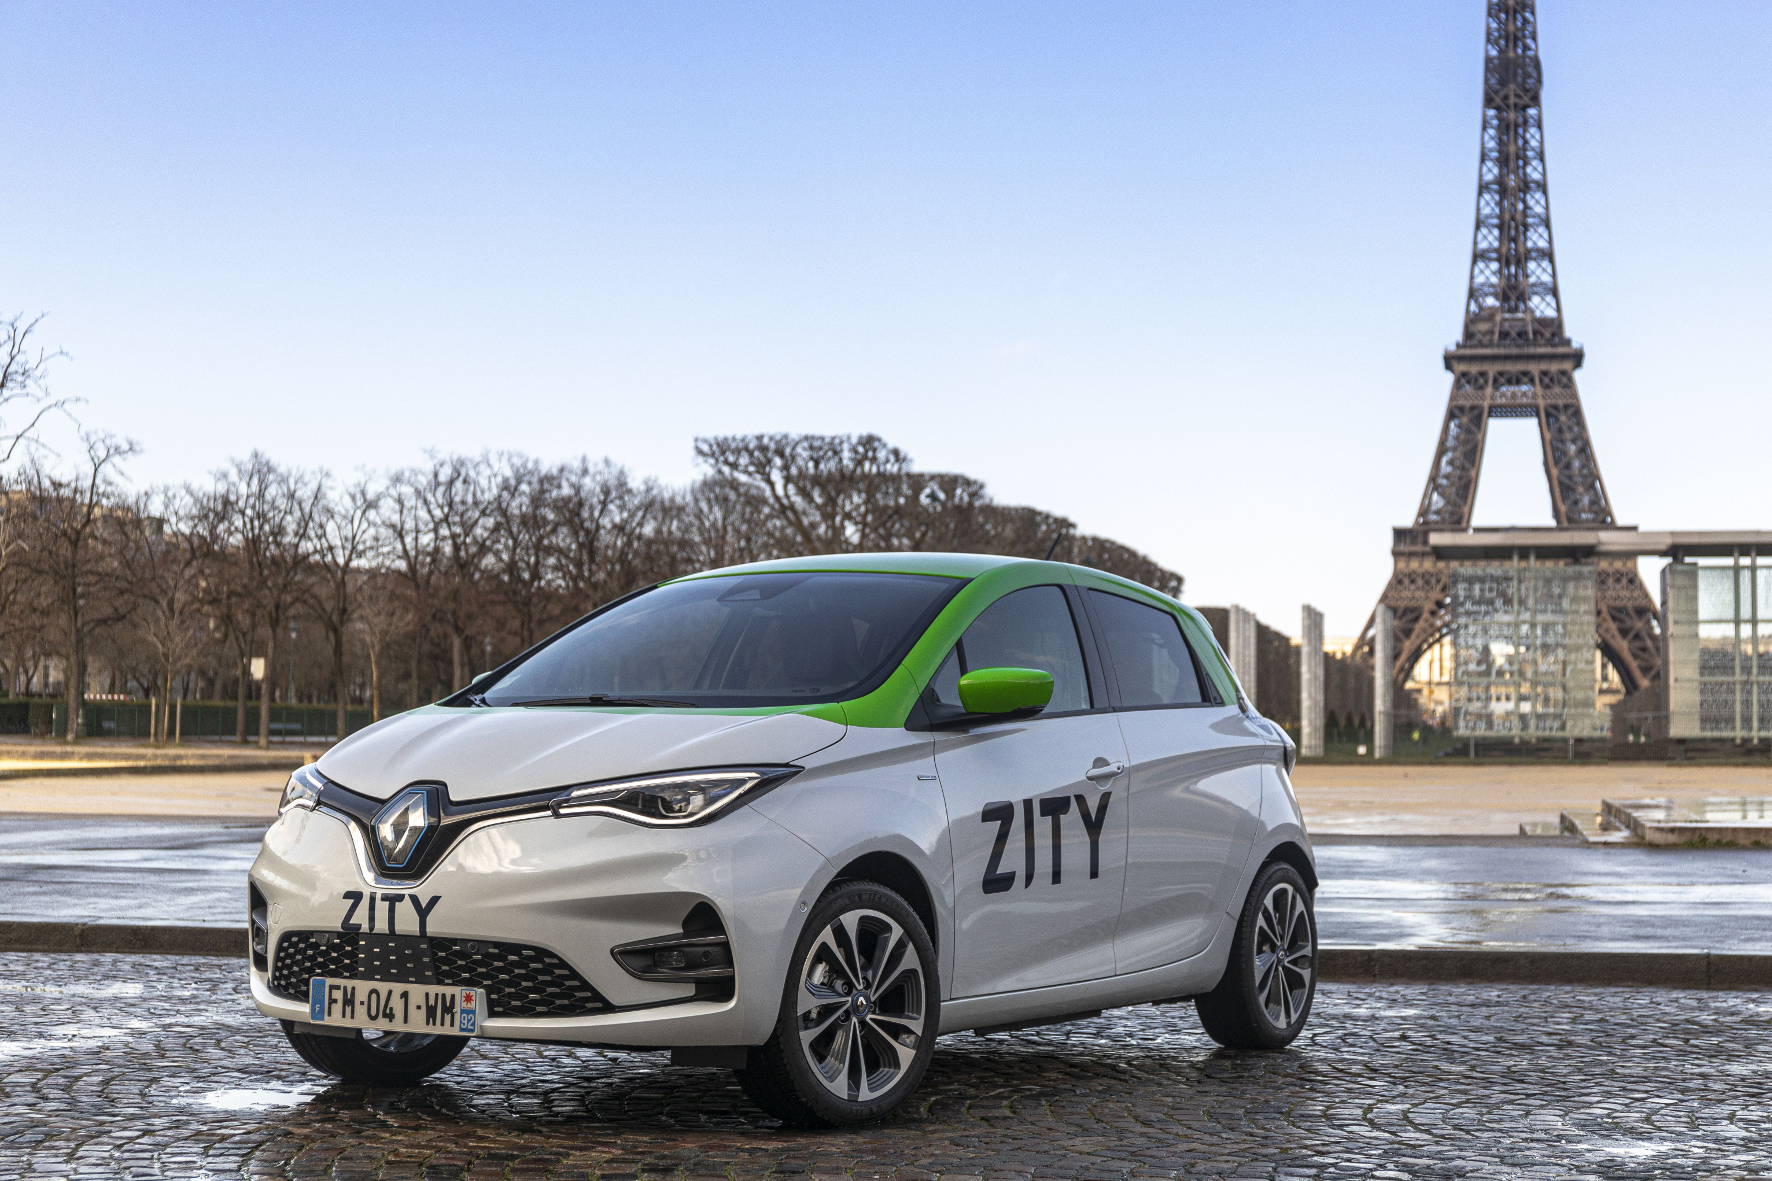 mid Groß-Gerau - Der Startschuss für den Einsatz von 500 elektrischen Renault Zoe im Rahmen des E-Carsharingdienstes Zity ist jetzt erfolgt. Renault